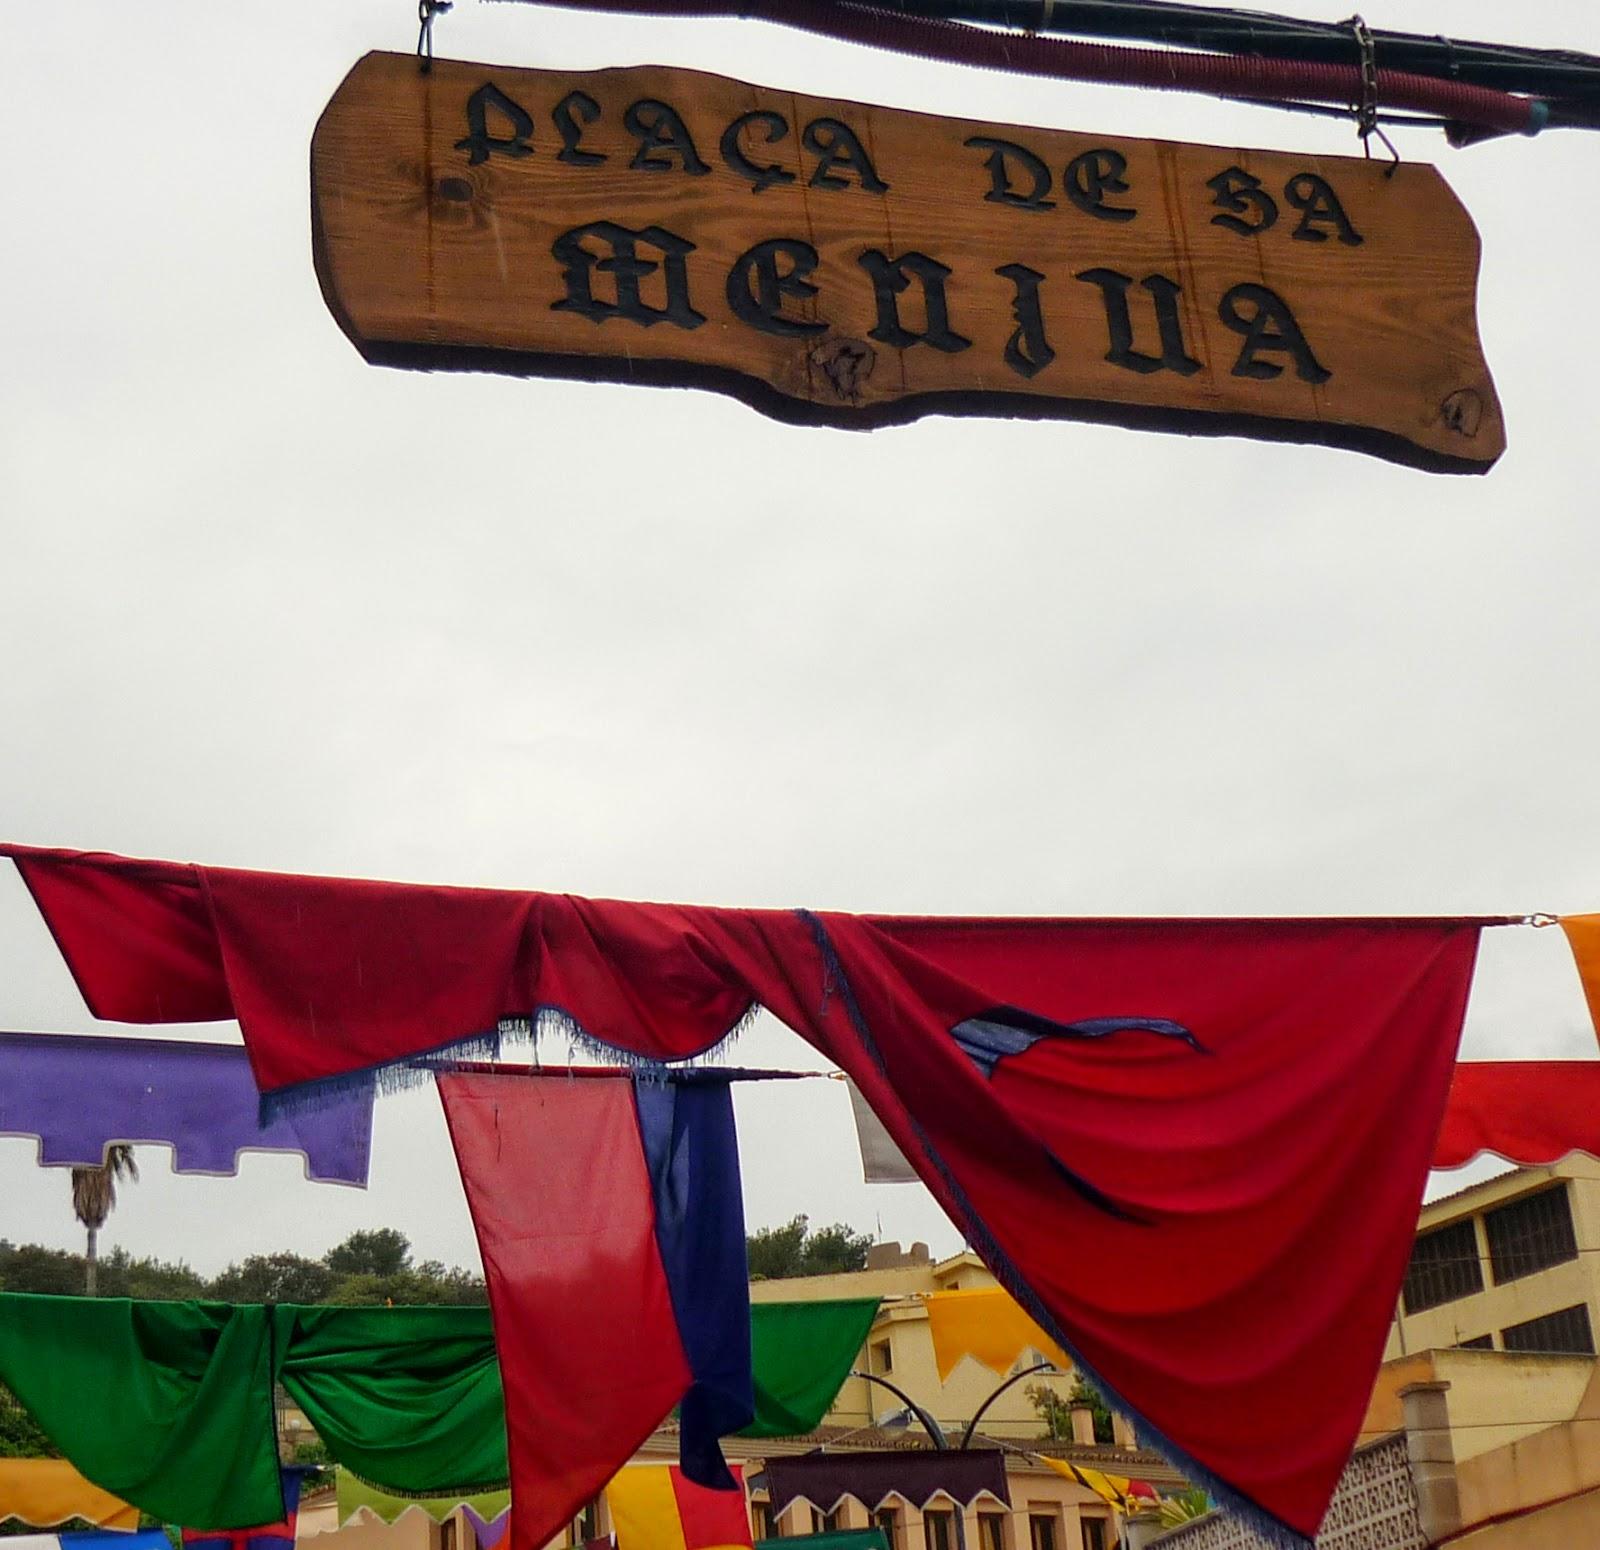 mercado medieval mallorca